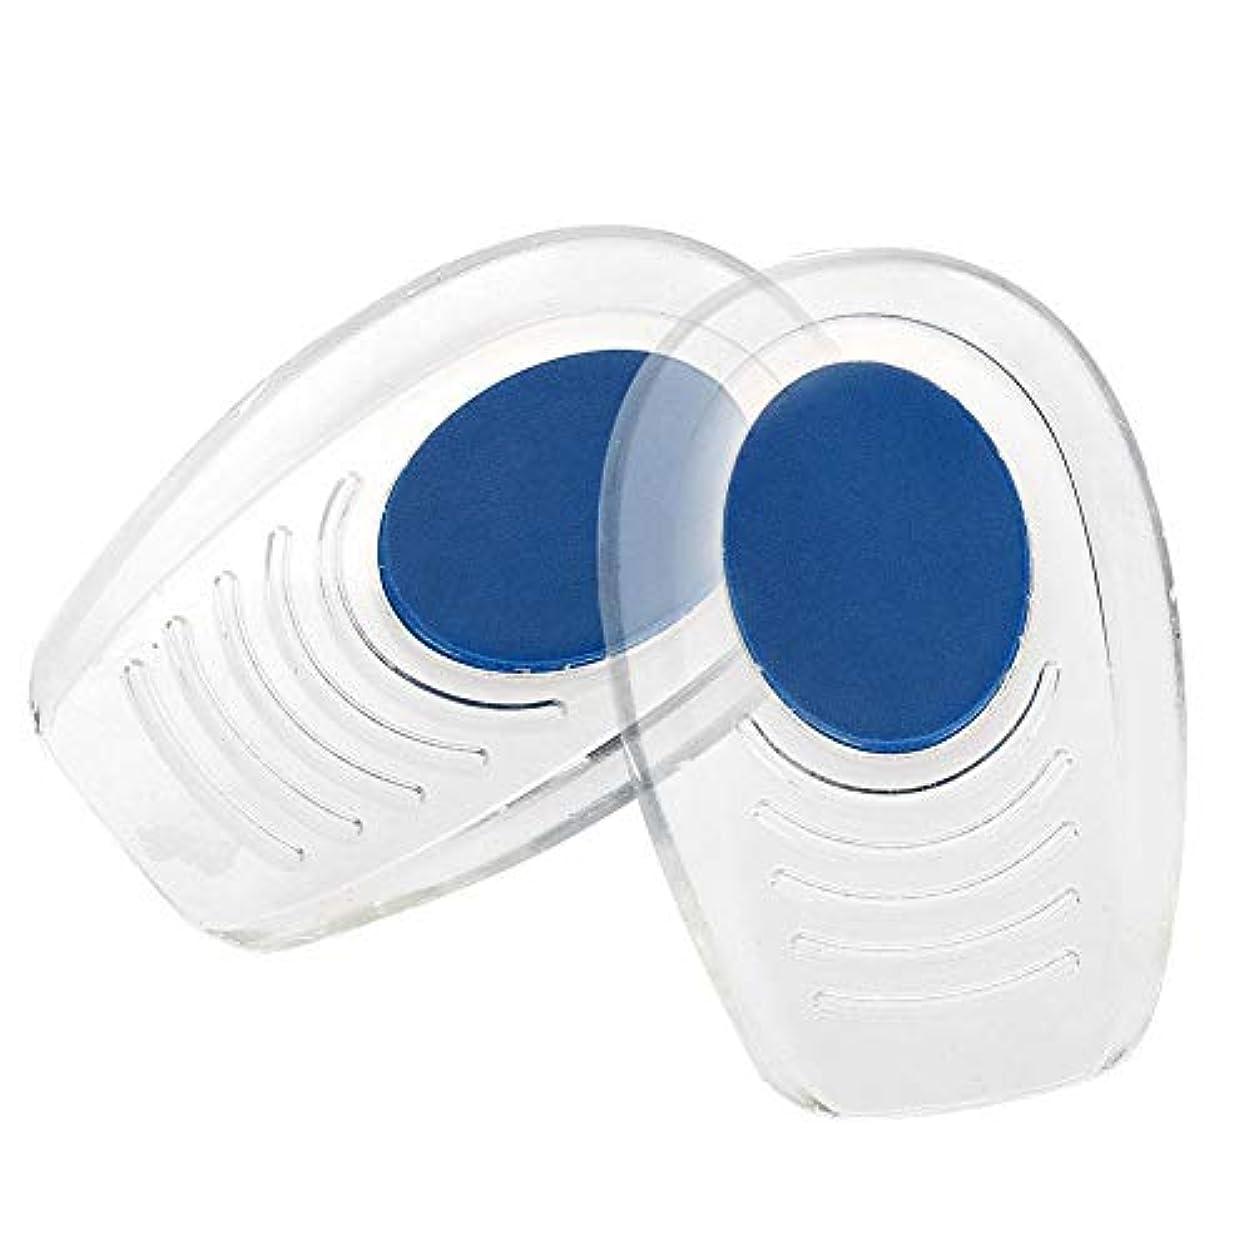 立方体成功ヒープソフトインソール かかと痛みパッド   シリコーン衝撃吸収ヒールパッド (滑り止めテクスチャー付) ブルー パッドフットケアツール (S(7*10.5CM))